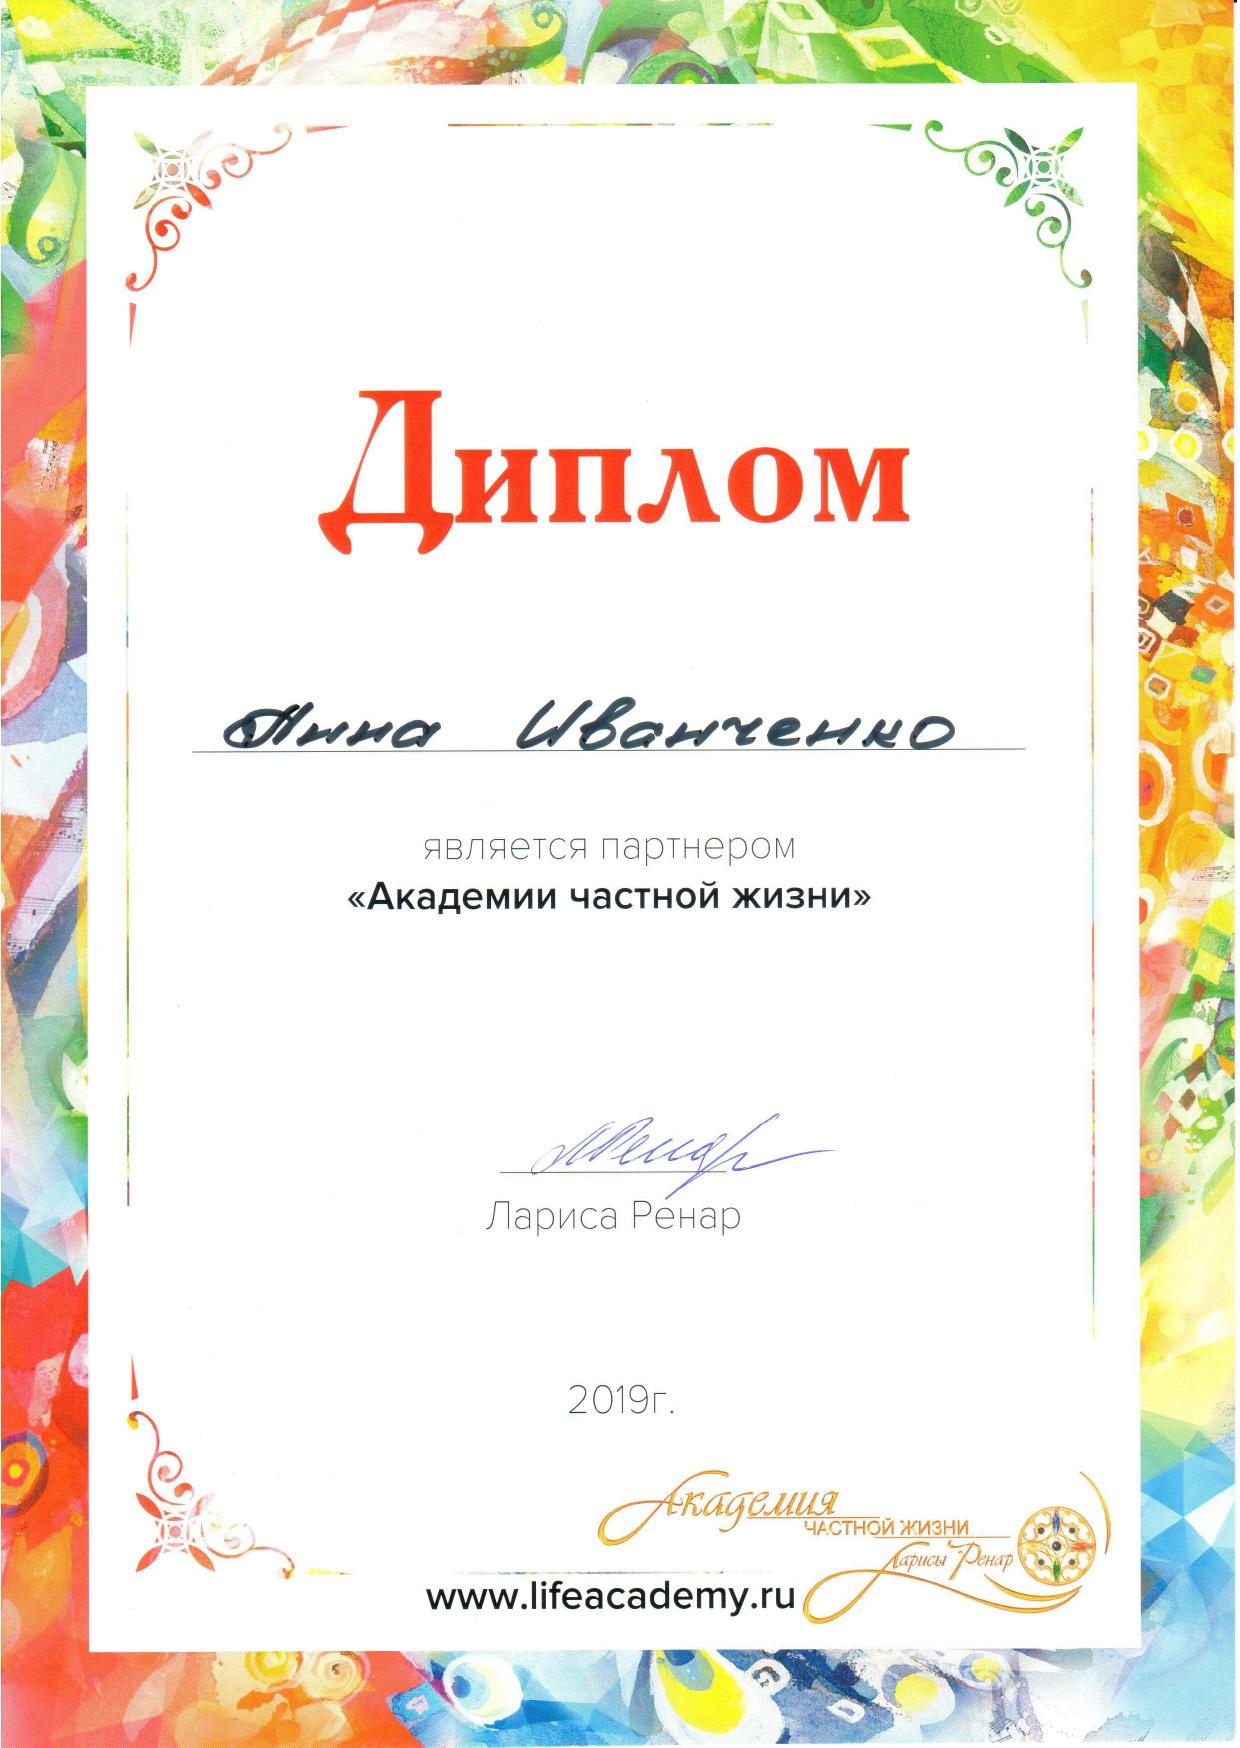 Анна Иванченко